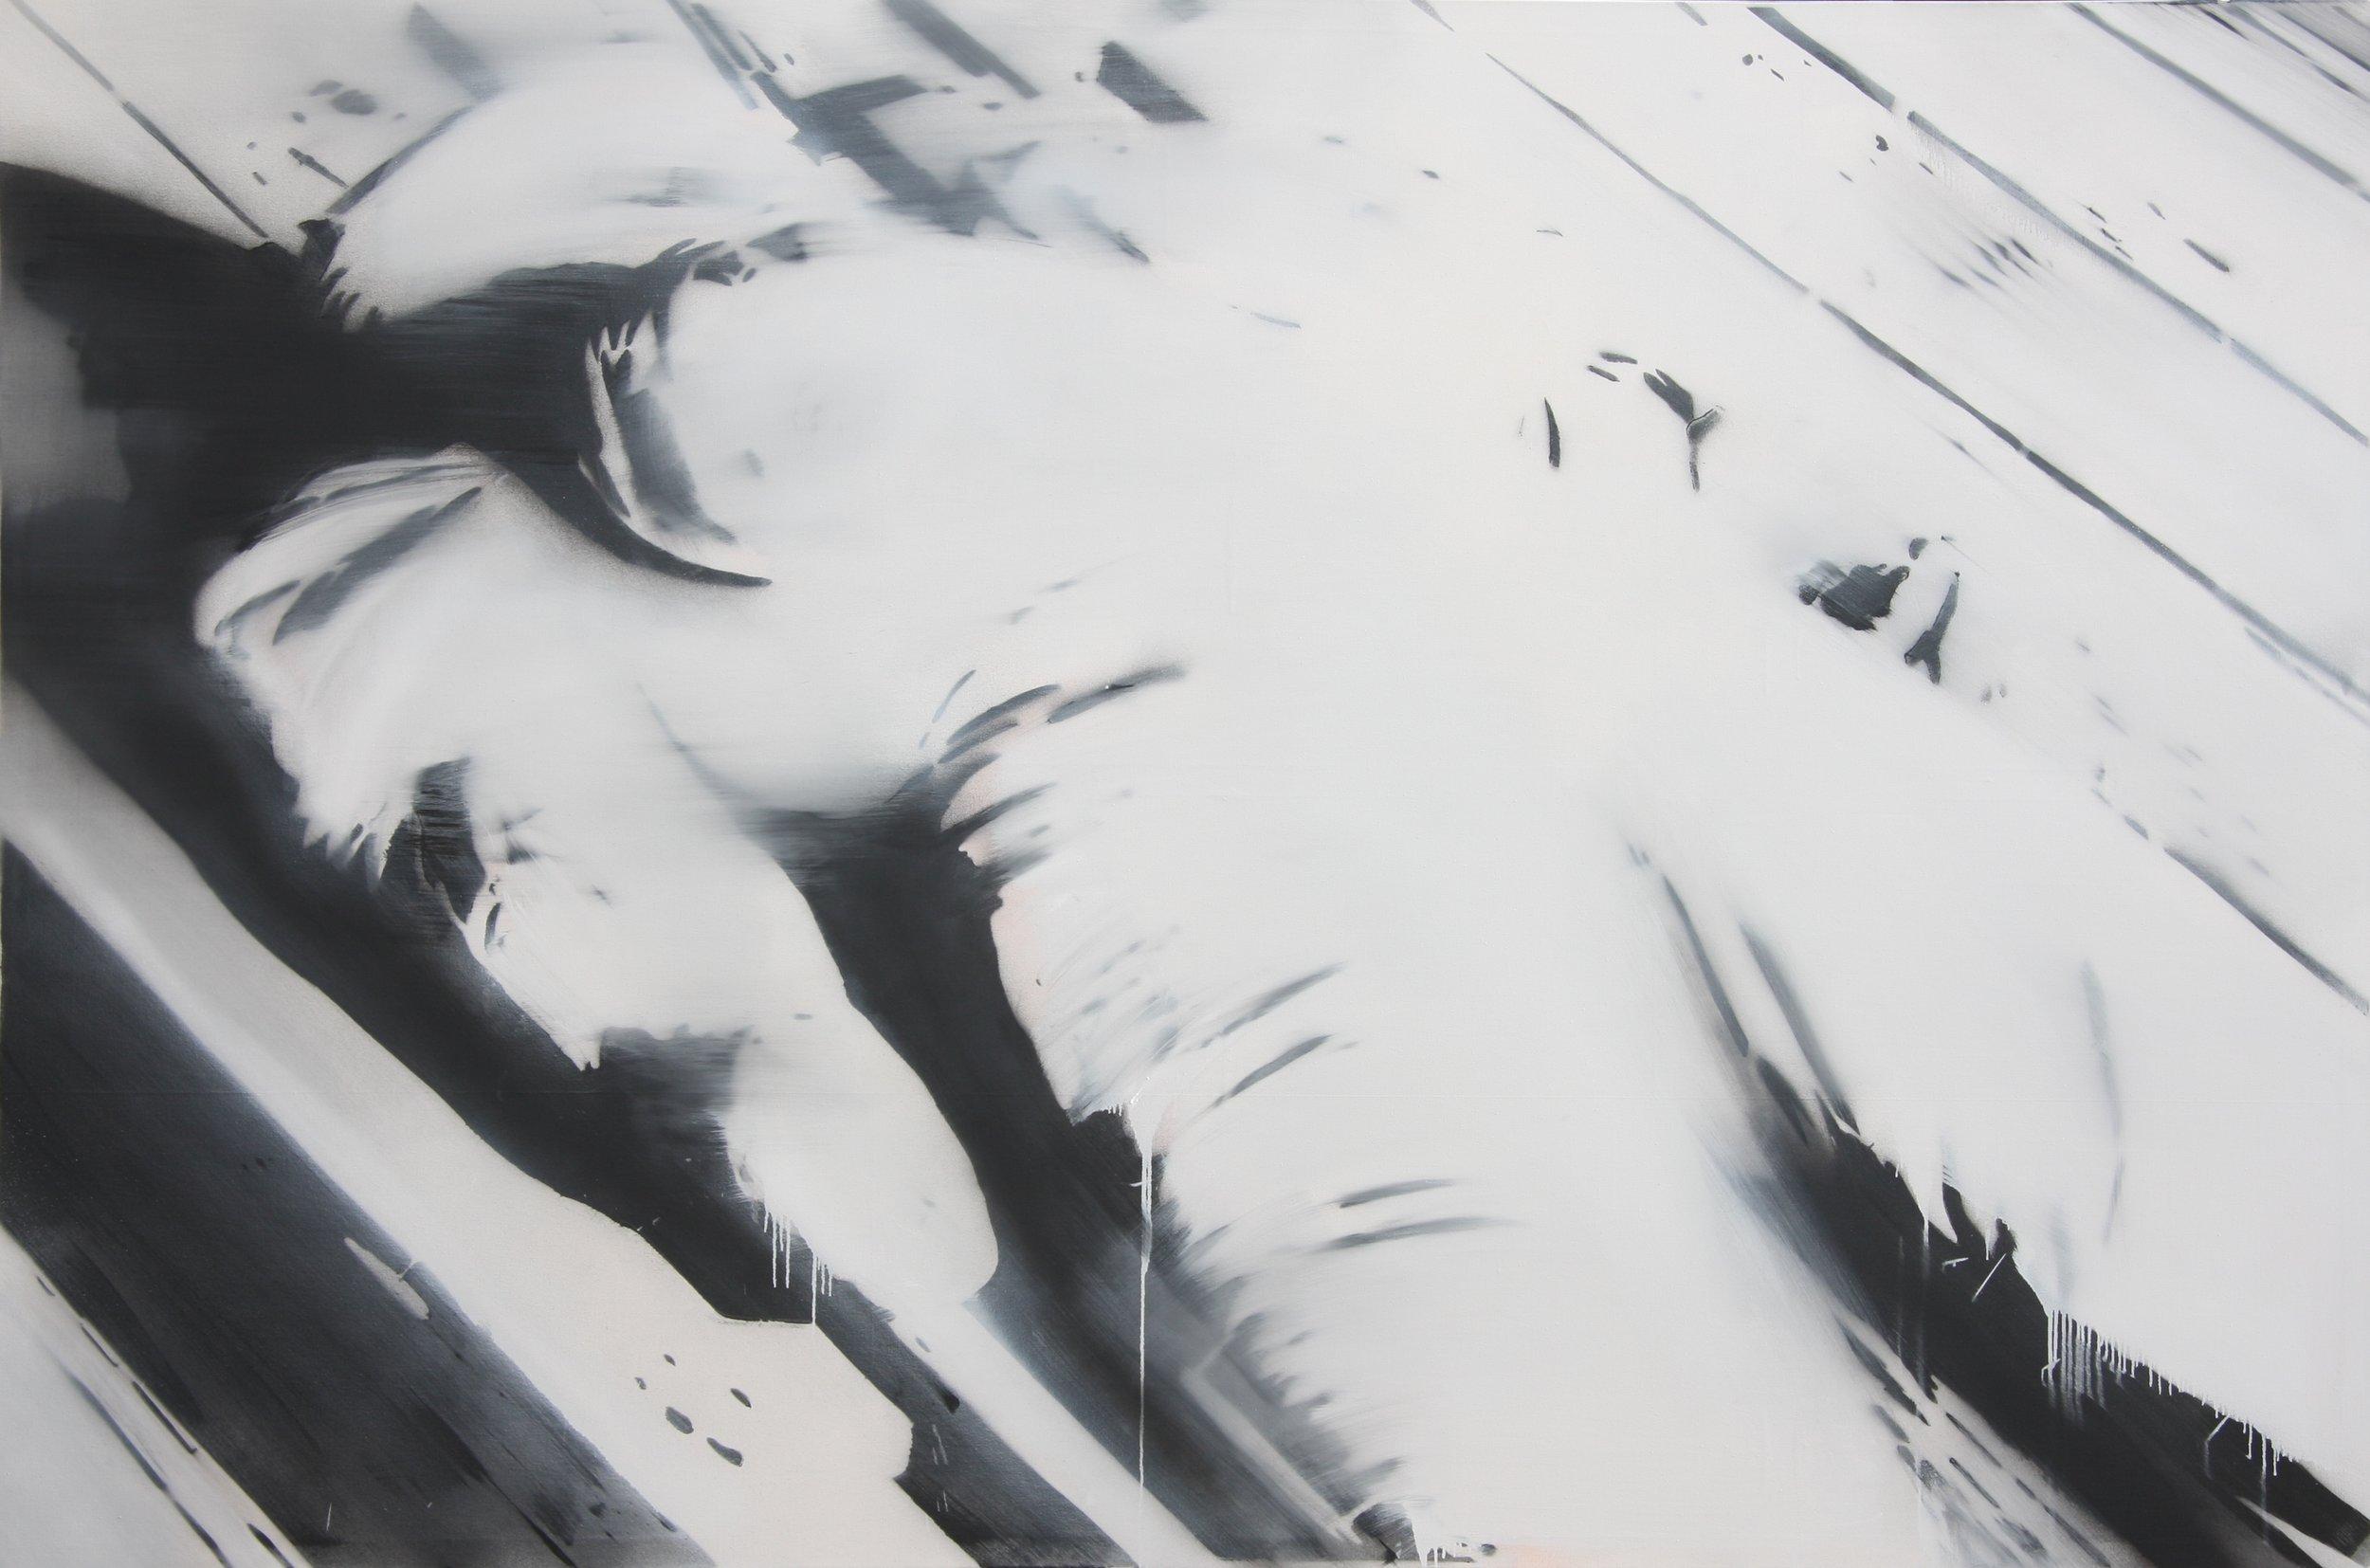 Kopie von 1020004 2010 Öl-Leinwand 200 x 300 cm